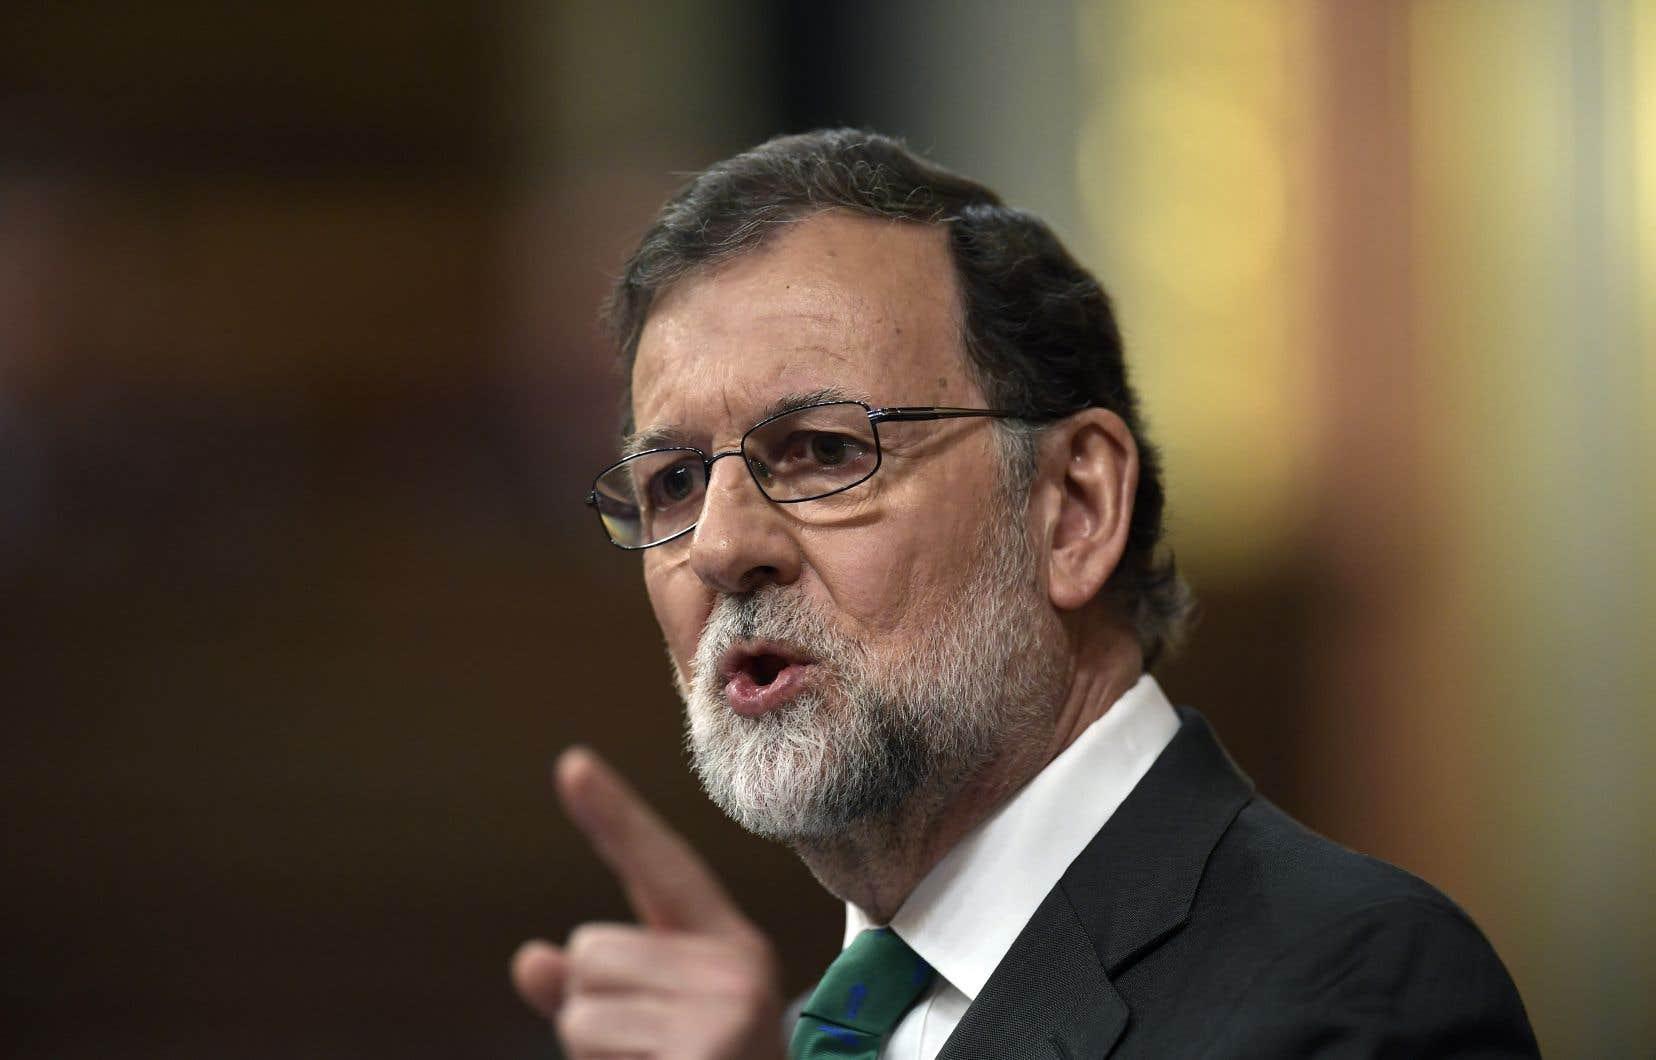 Mariano Rajoy etait le chef du gouvernement espagnol au moment de la tentative de sécession de la Catalogne en octobre 2017.